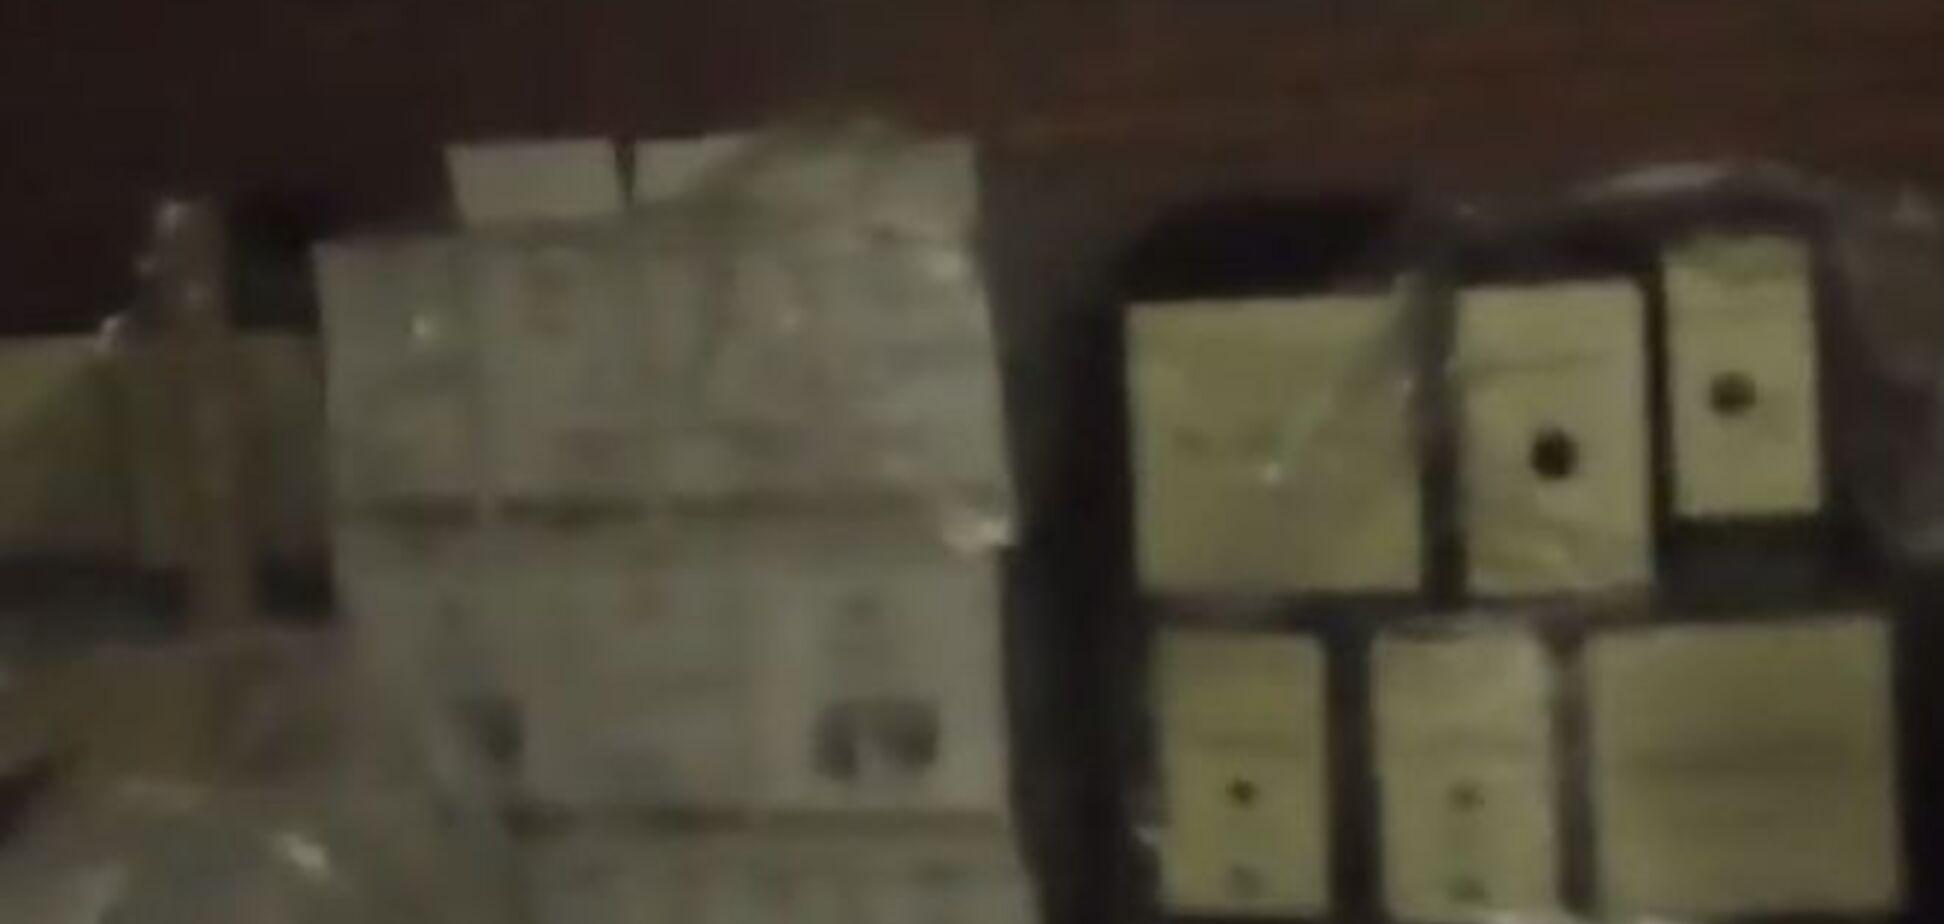 Восставшие против Плотницкого боевики взломали его склад с краденой гуманитаркой: видеофакт